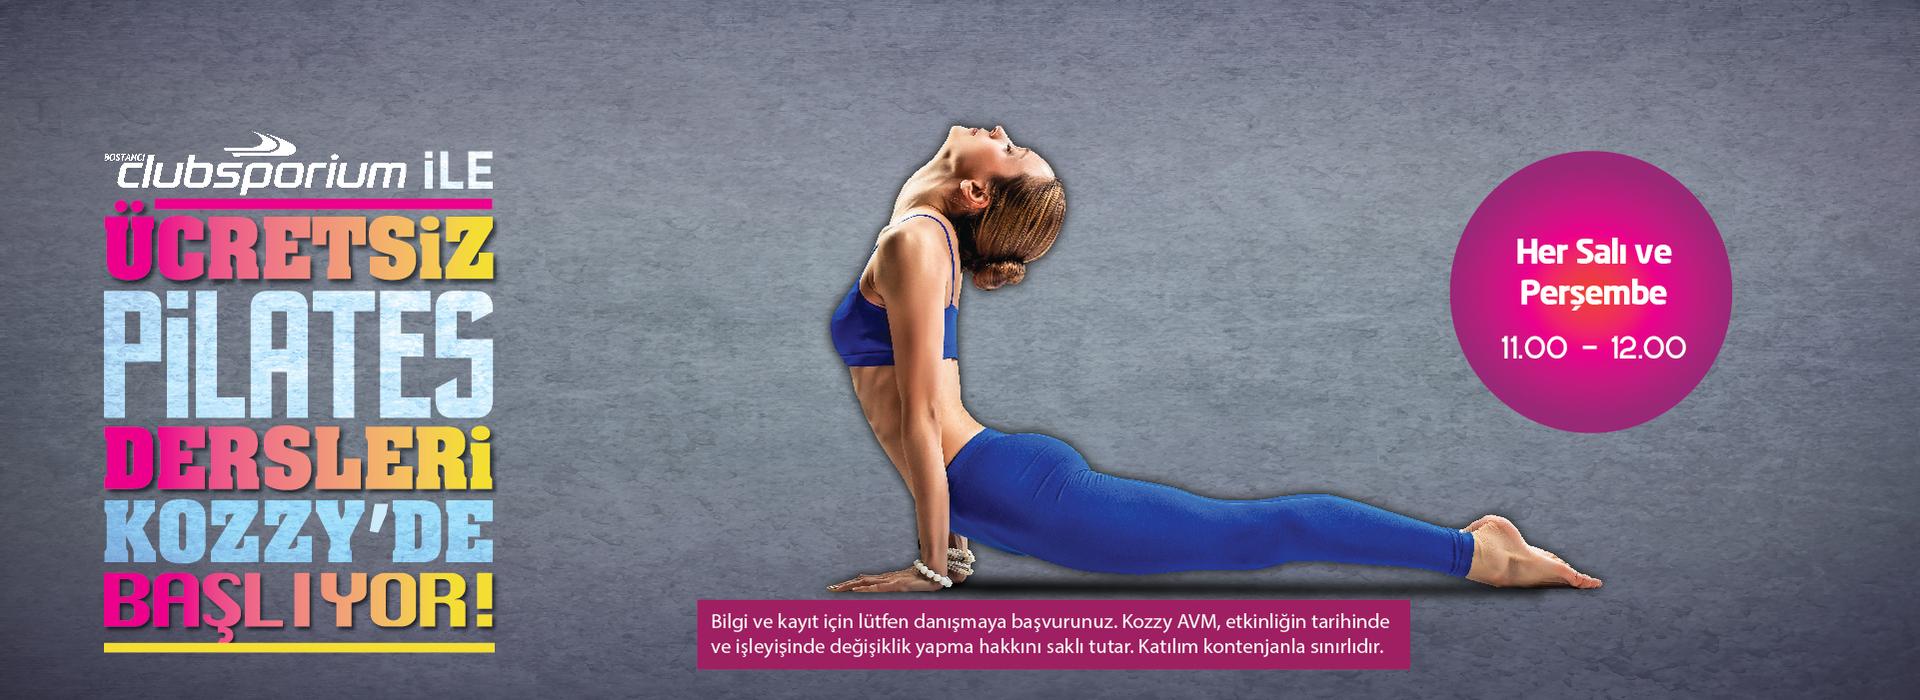 Ücretsiz Pilates Dersleri Kozzy'de